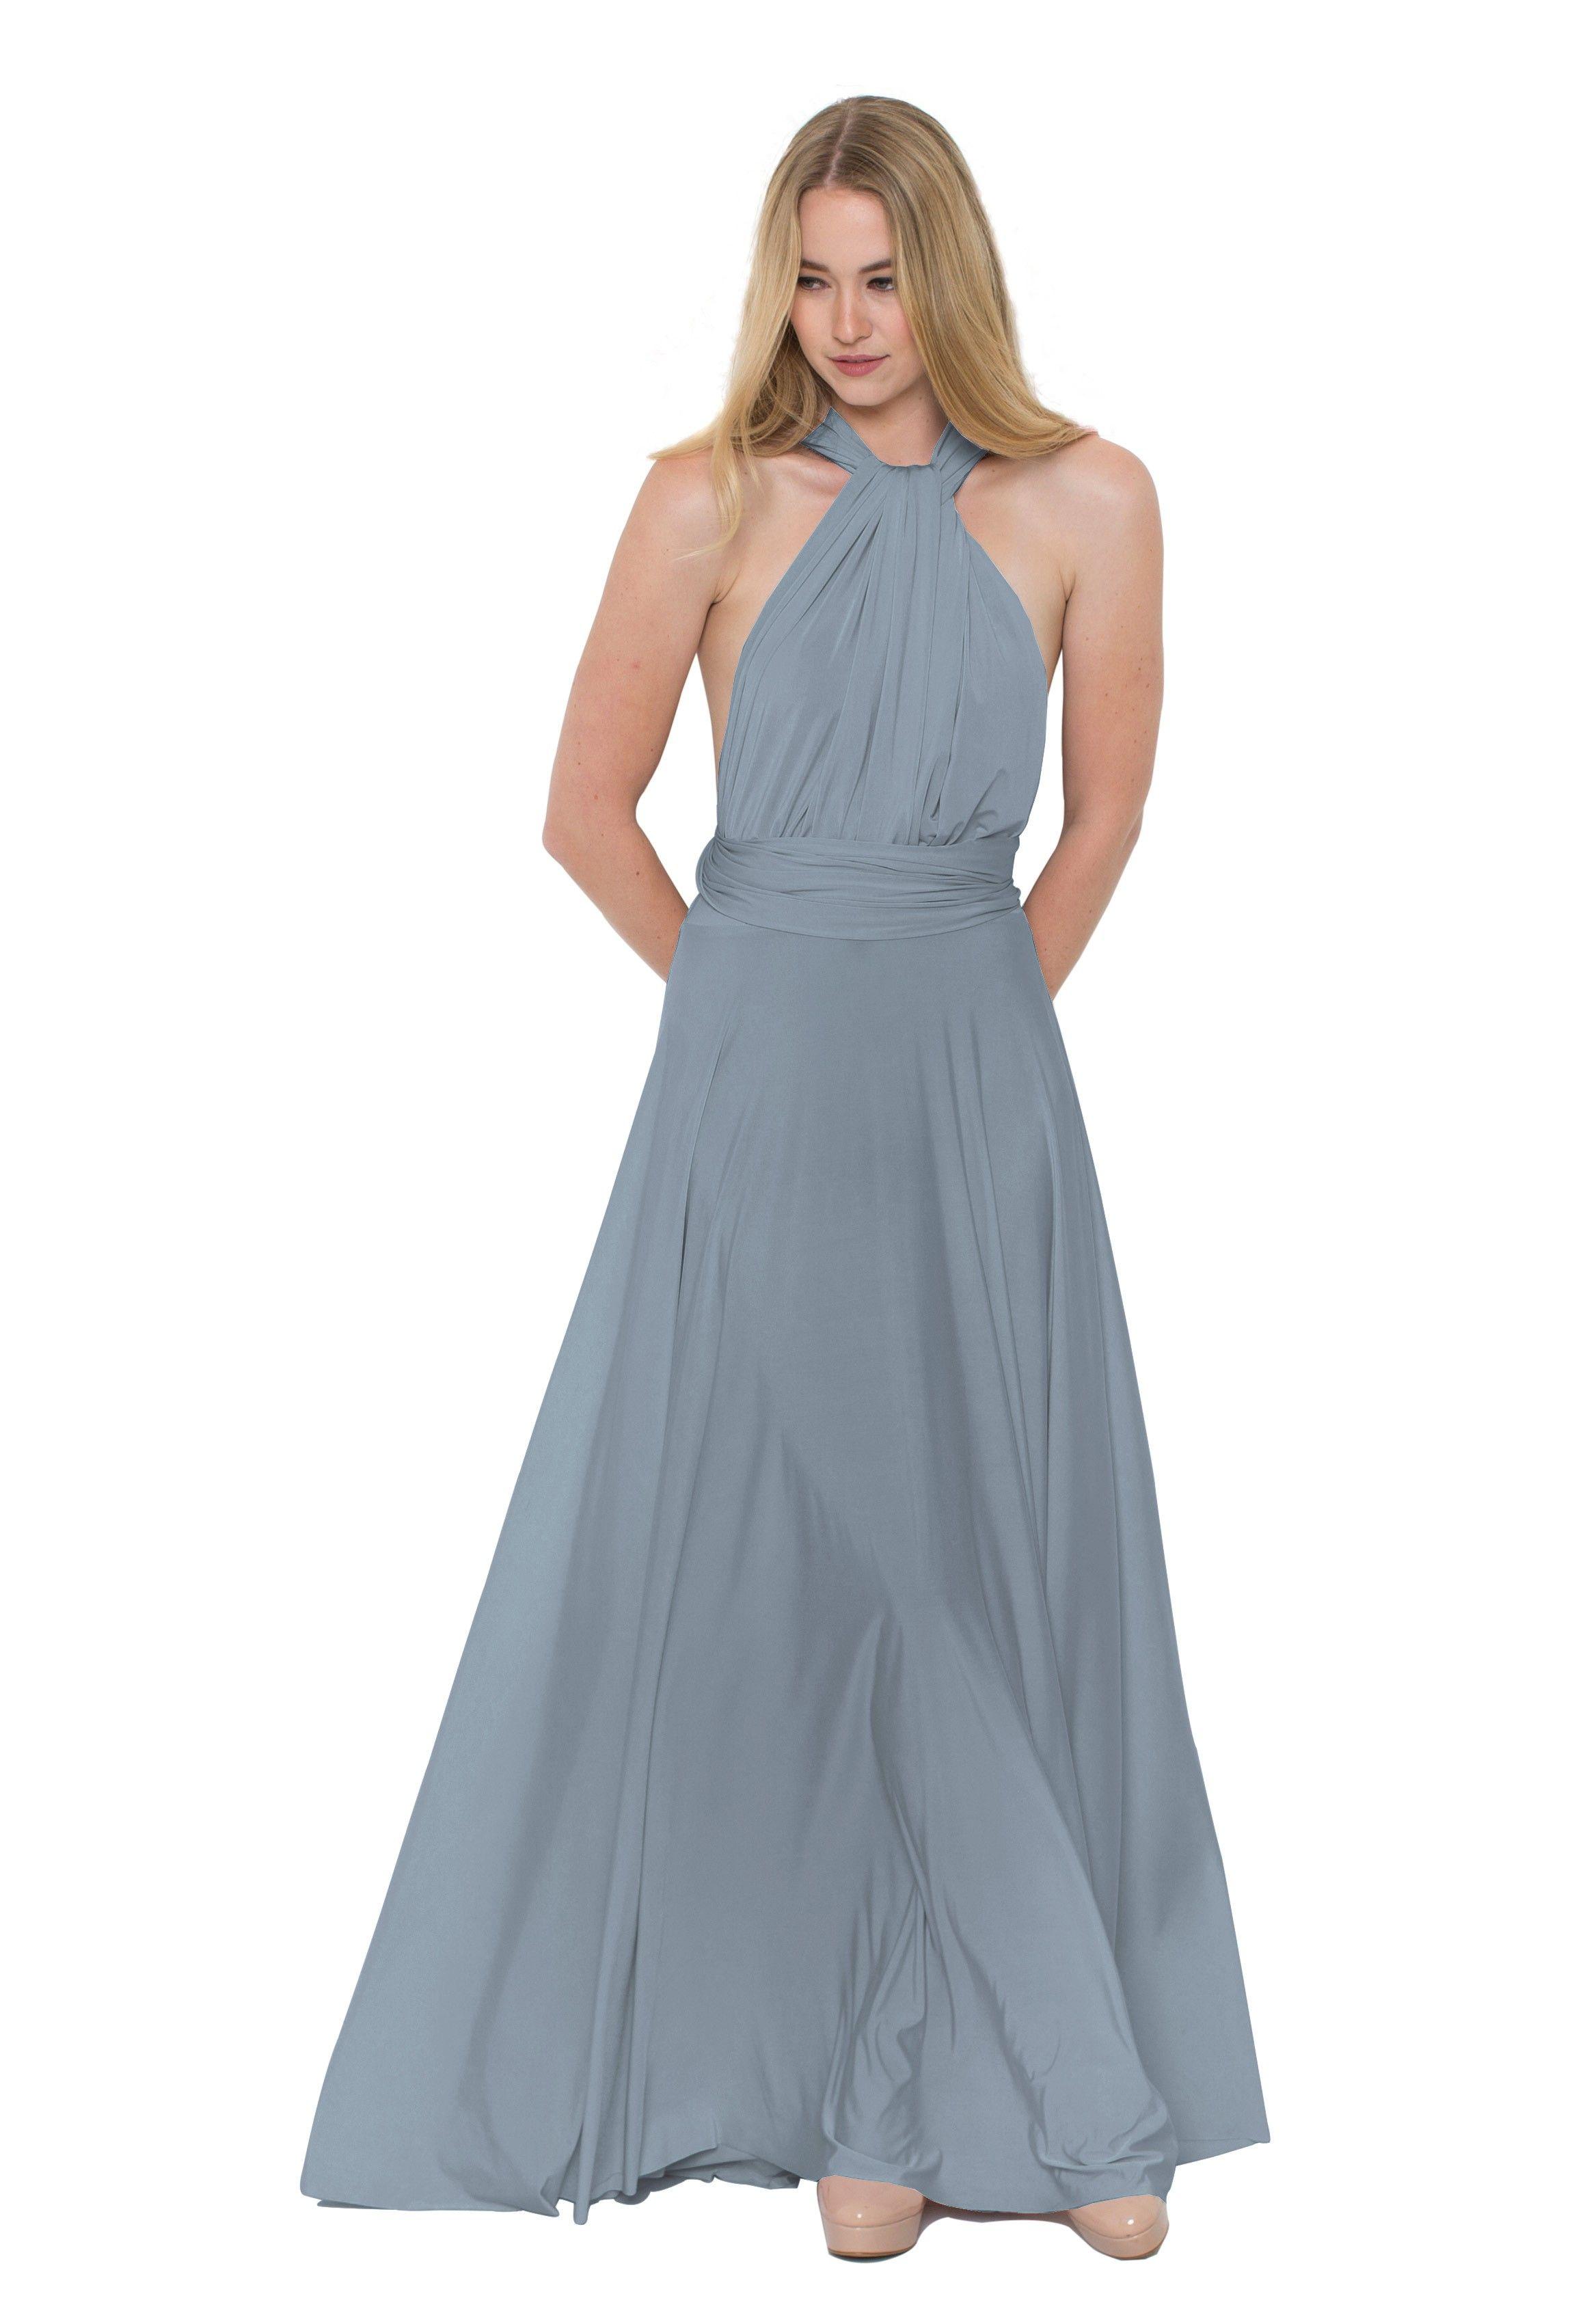 Twist Alex | To be, UX/UI Designer and Designer bridesmaid dresses